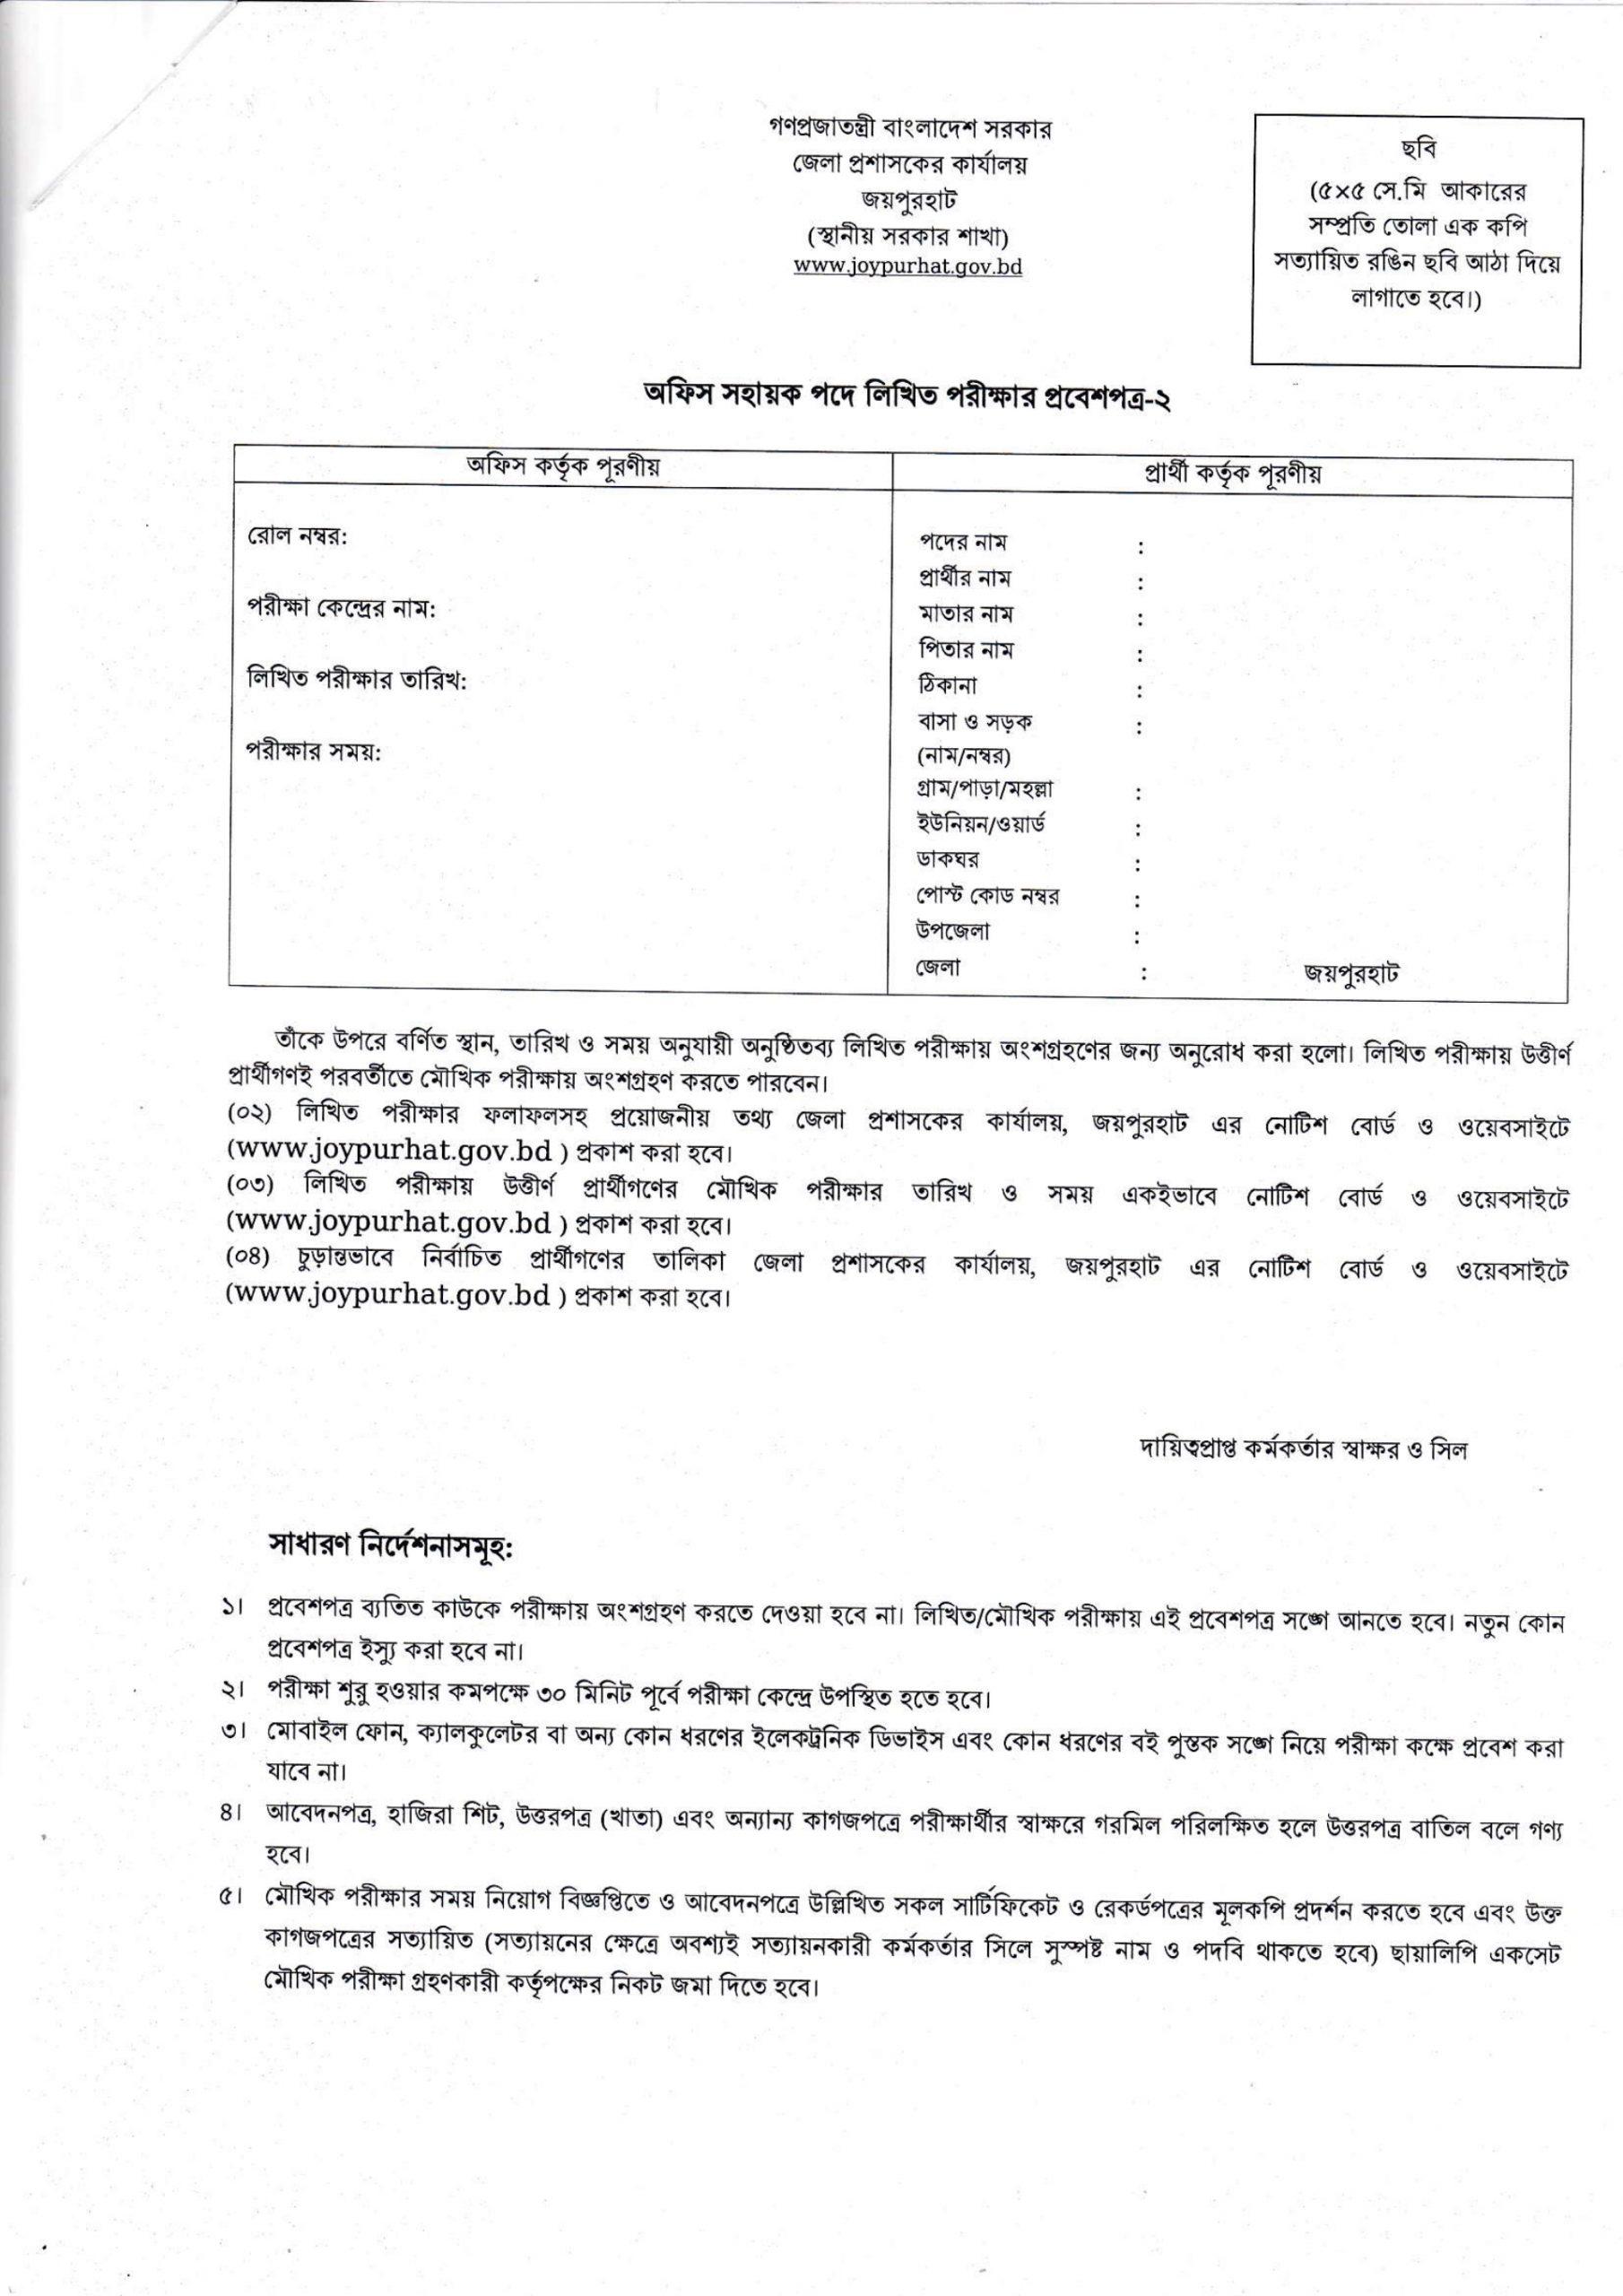 Joypurhat DC Office Job Circular 2021 জয়পুরহাট জেলা প্রশাসকের কার্যালয় নিয়োগ বিজ্ঞপ্তি ২০২১, Joypurhat District Commissioner Office Job Circular 2021-5